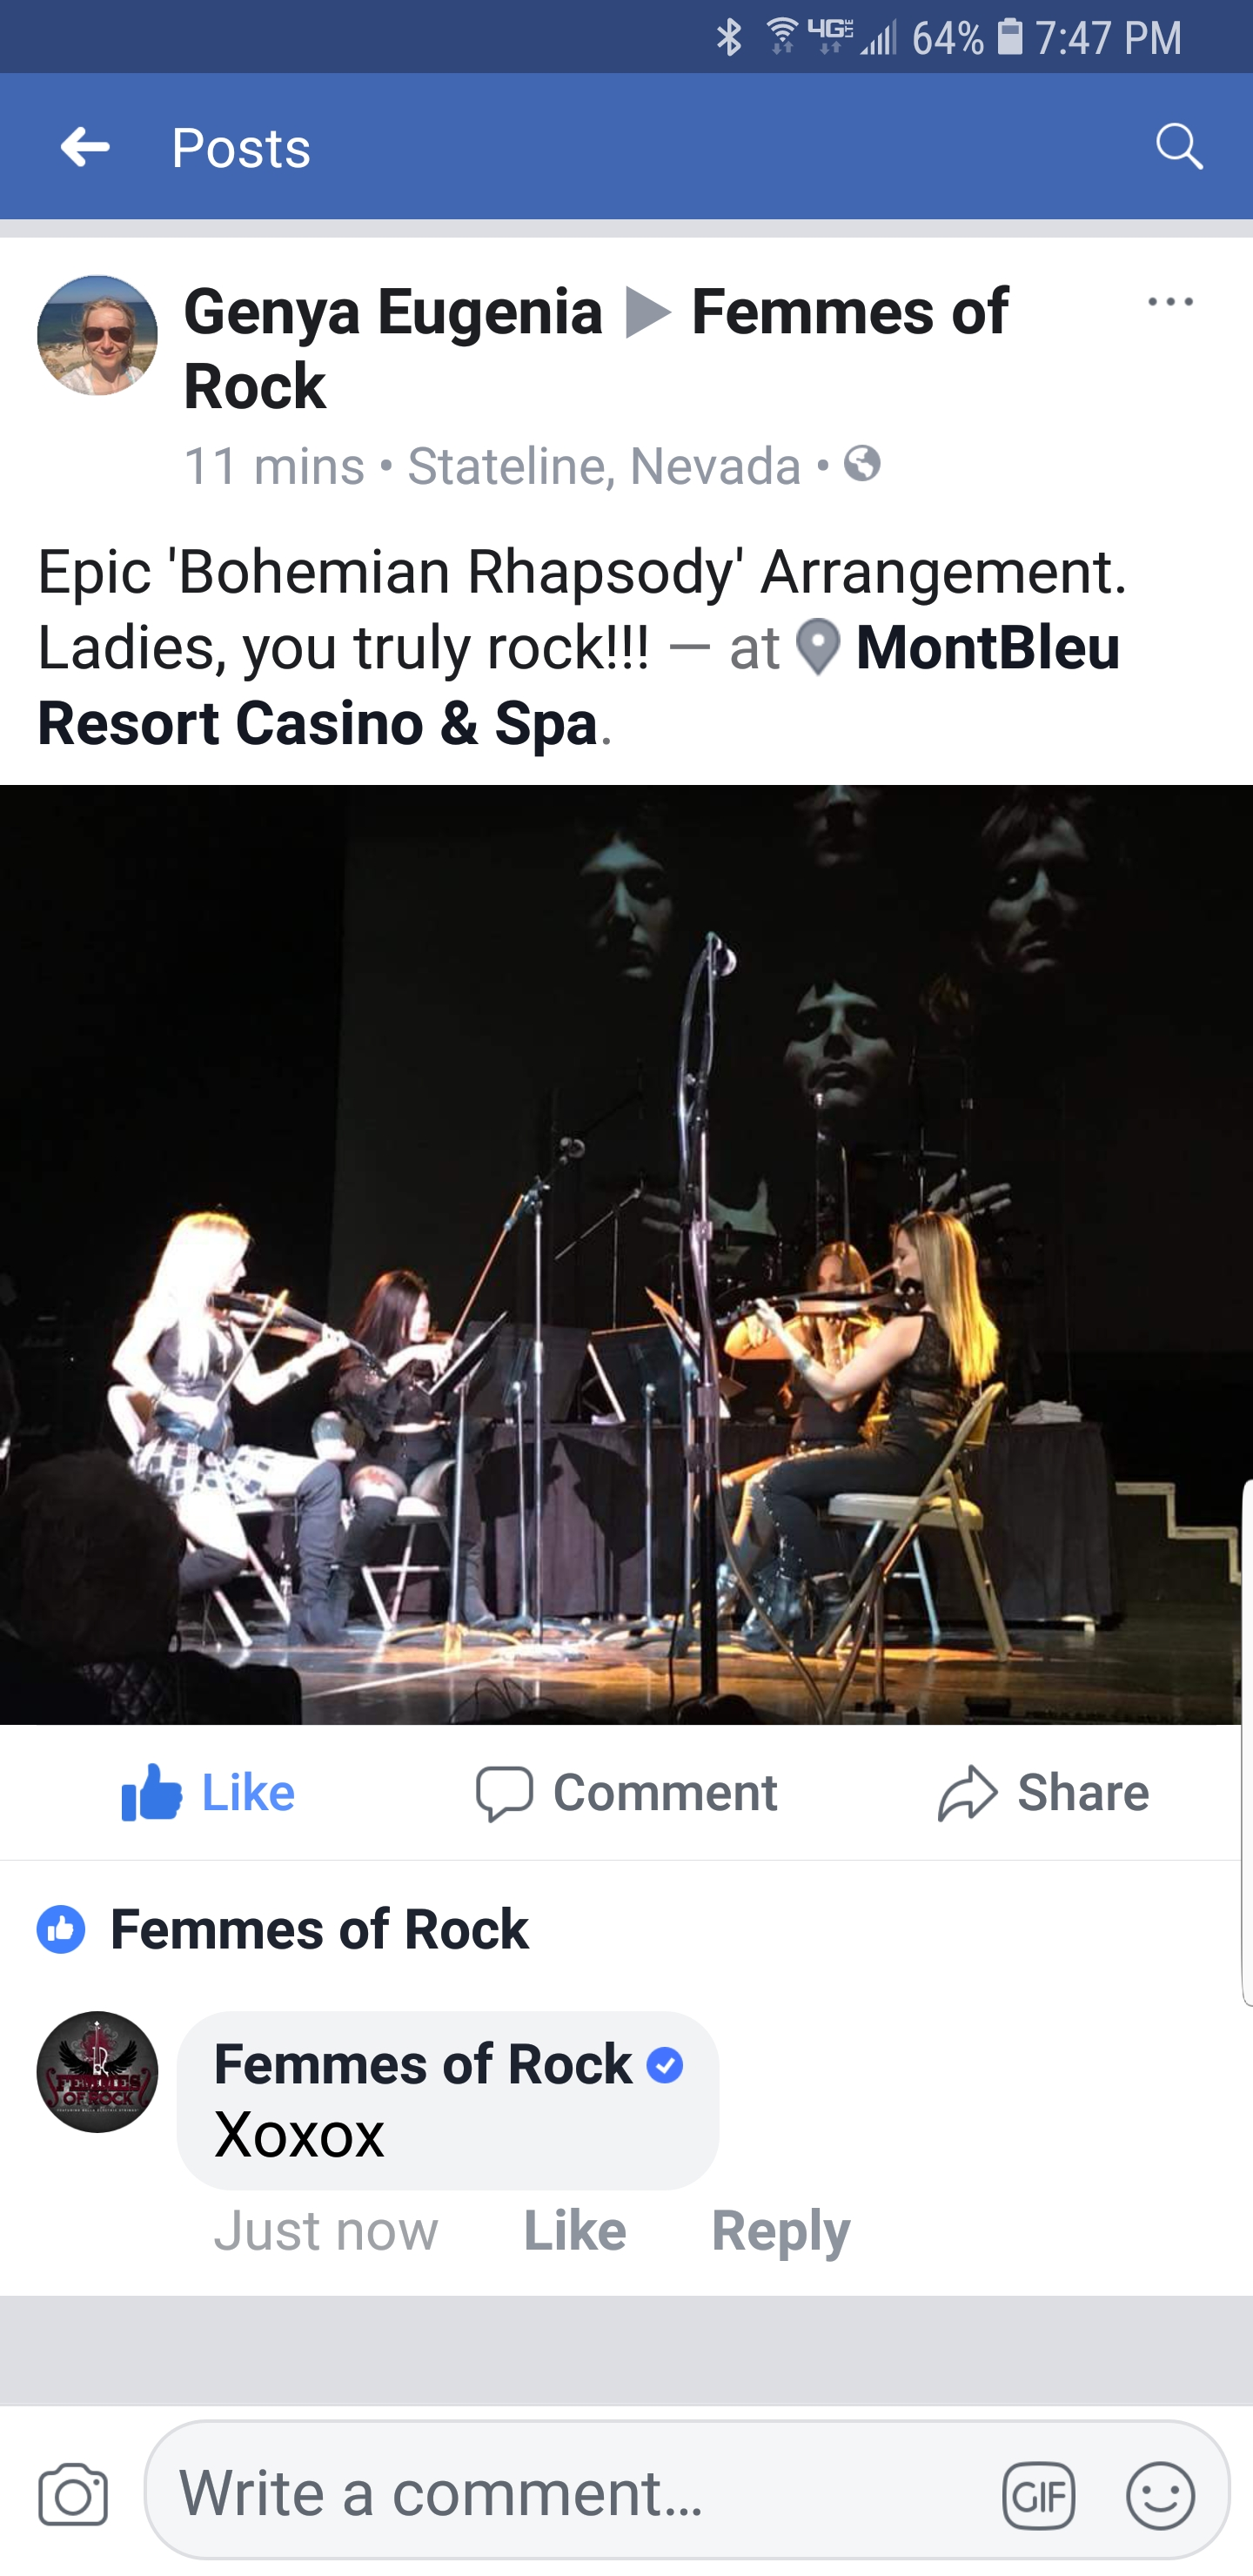 Fan Reviews - Femmes of Rock